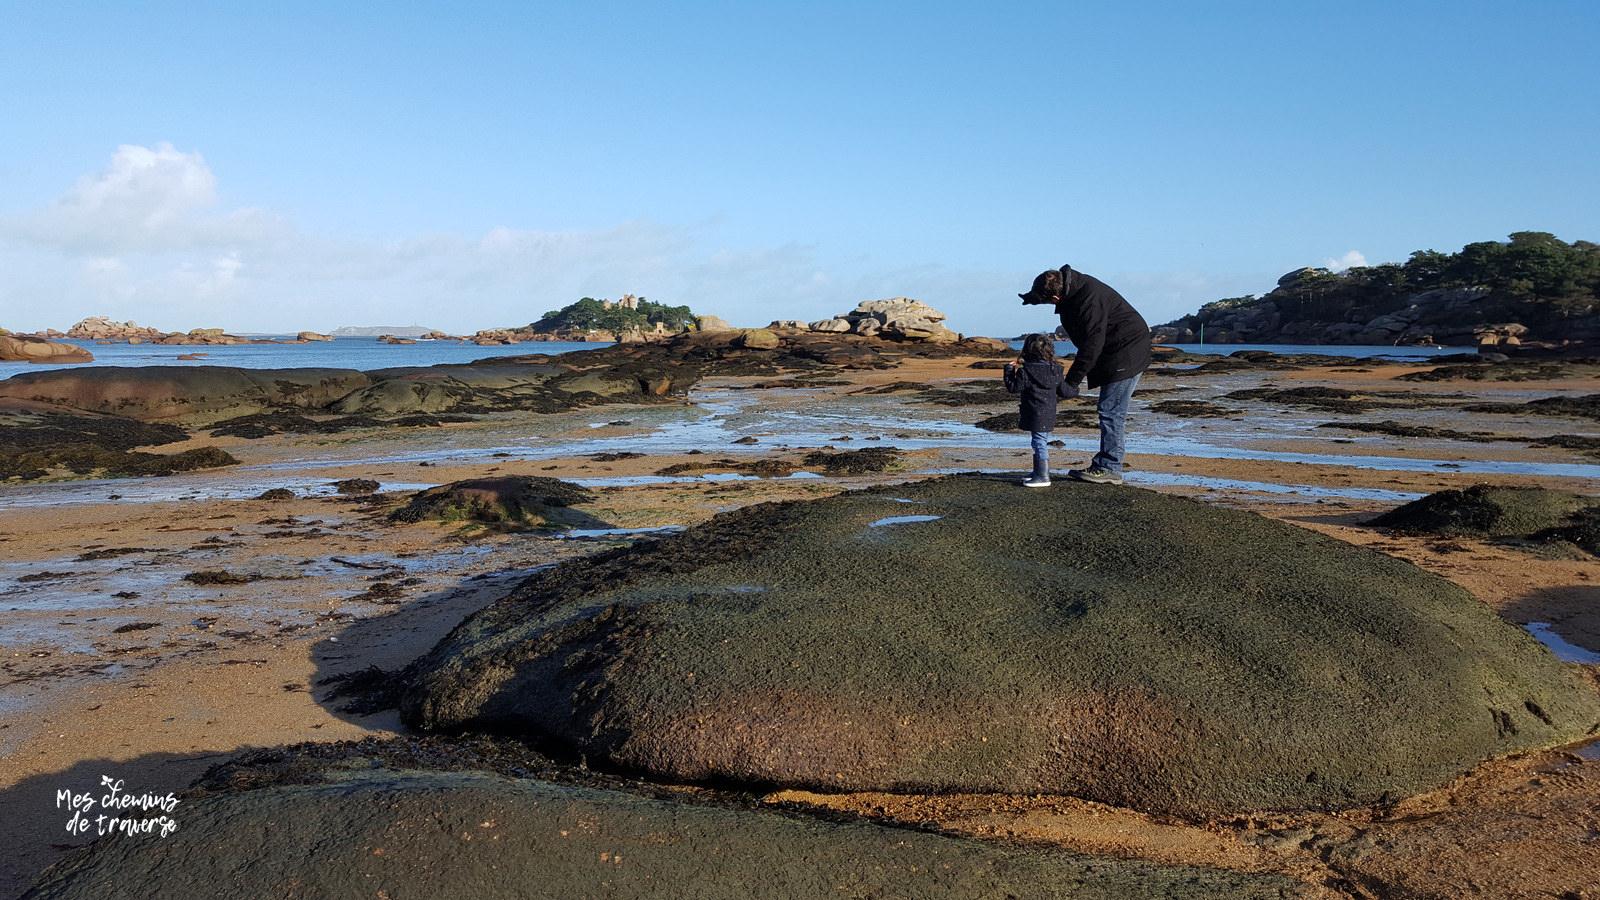 cote de granit rose a costaeres